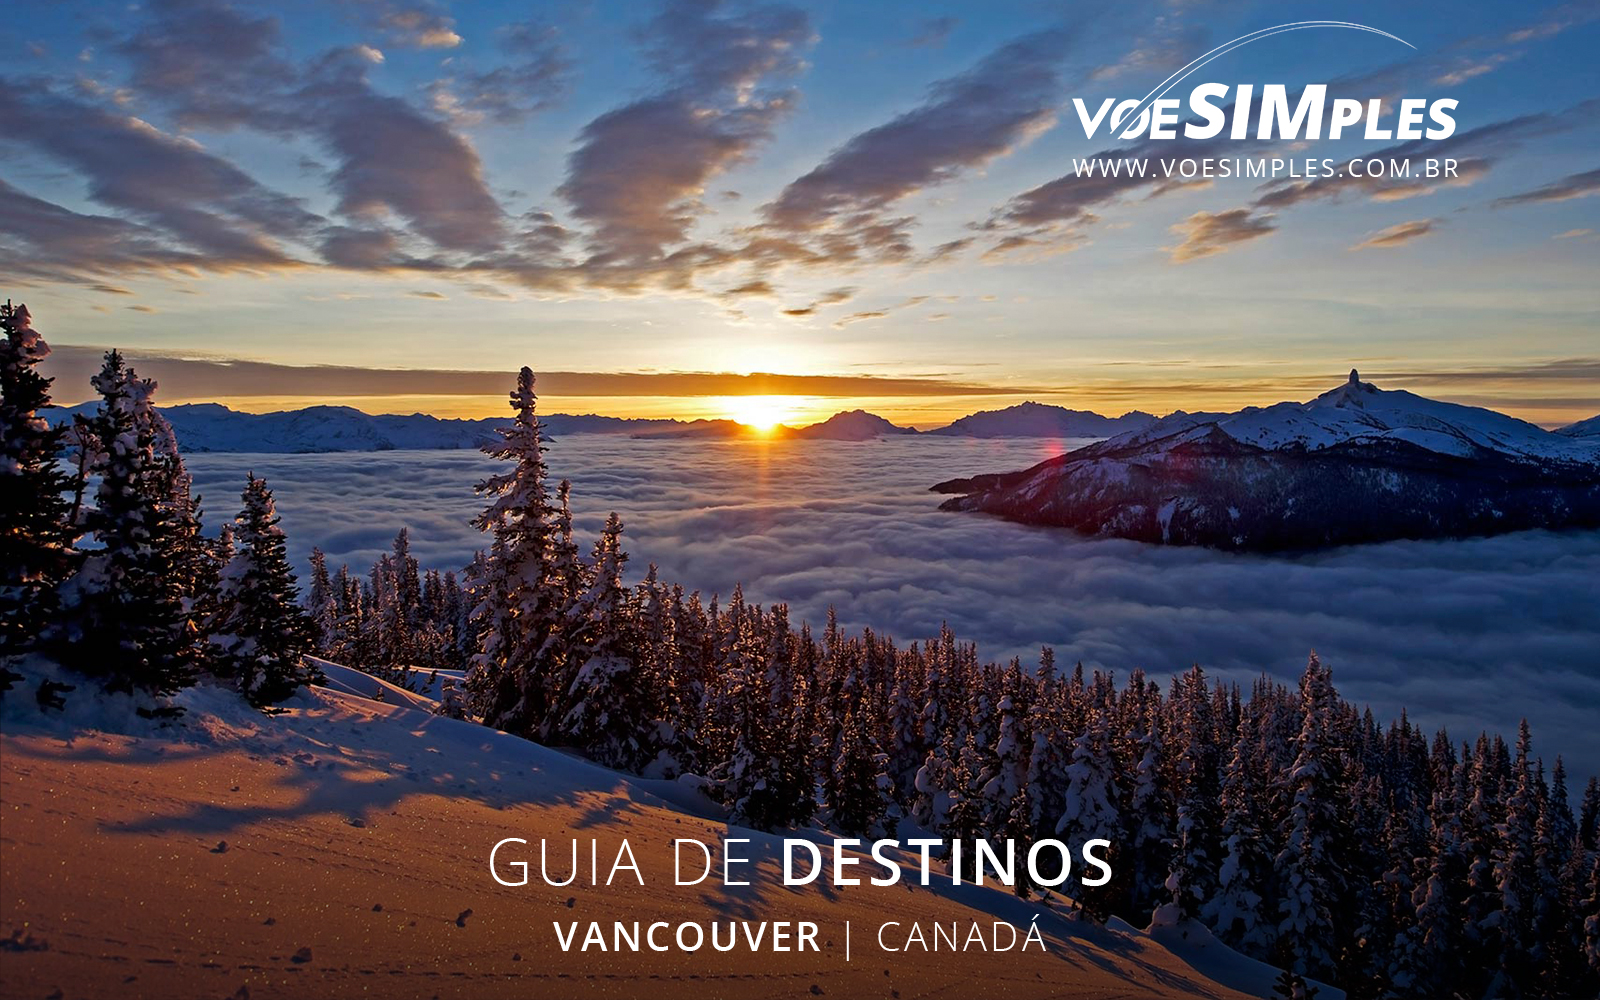 fotos-guia-destinos-voe-simples-vancouver-canada-guia-viagens-voesimples-vancouver-canada-pontos-turisticos-vancouver-canada-fotos-vancouver-05@2x